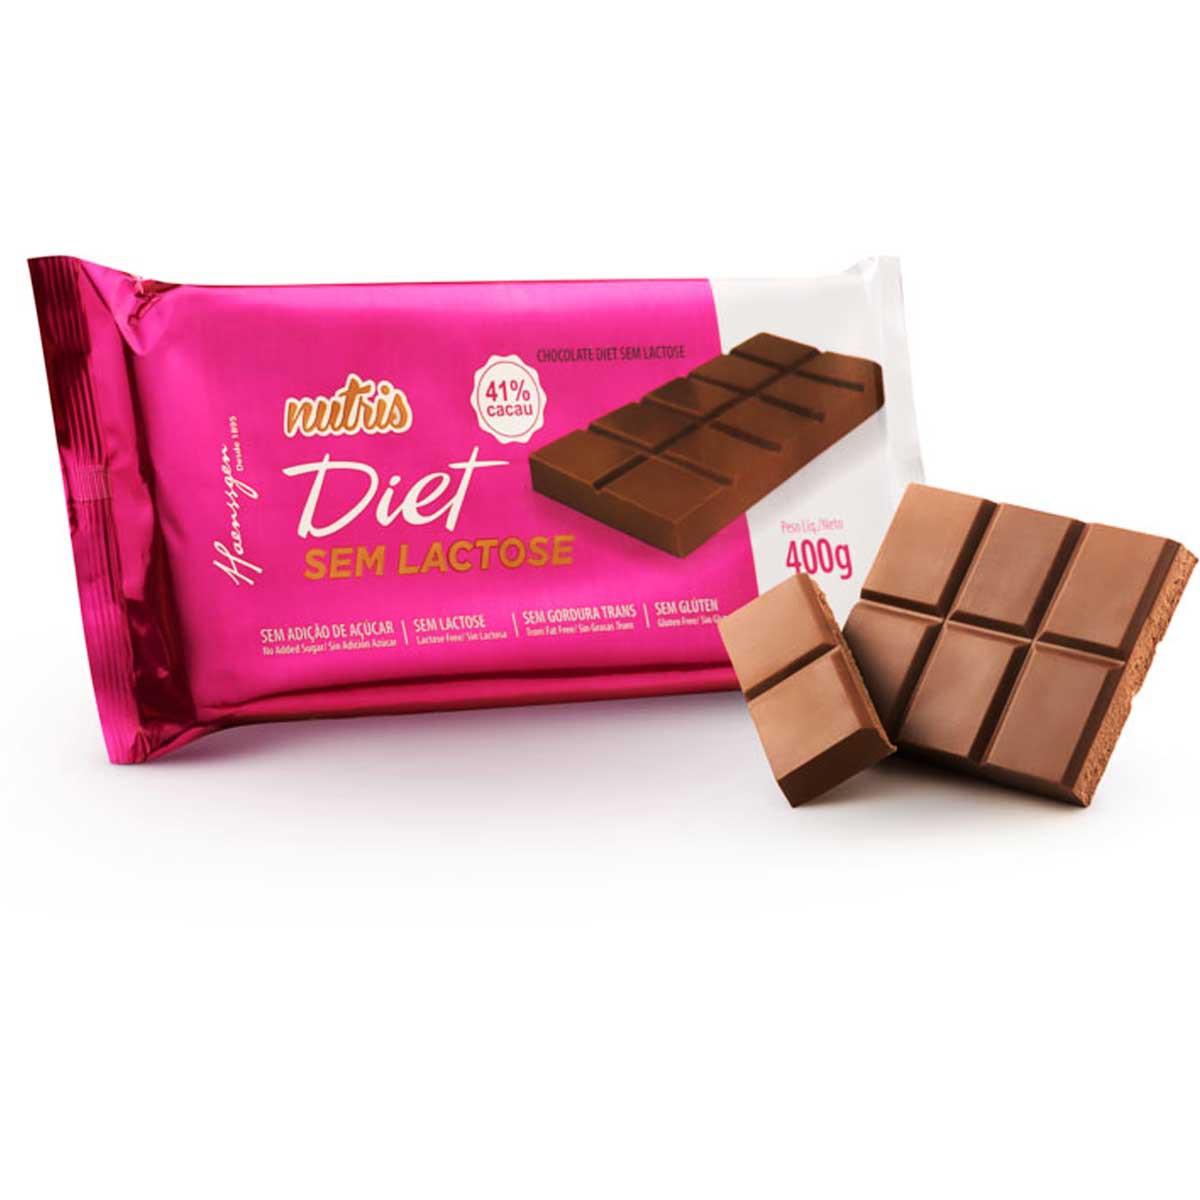 Chocolate Diet Zero Lactose 41% Cacau 400G NUTRIS